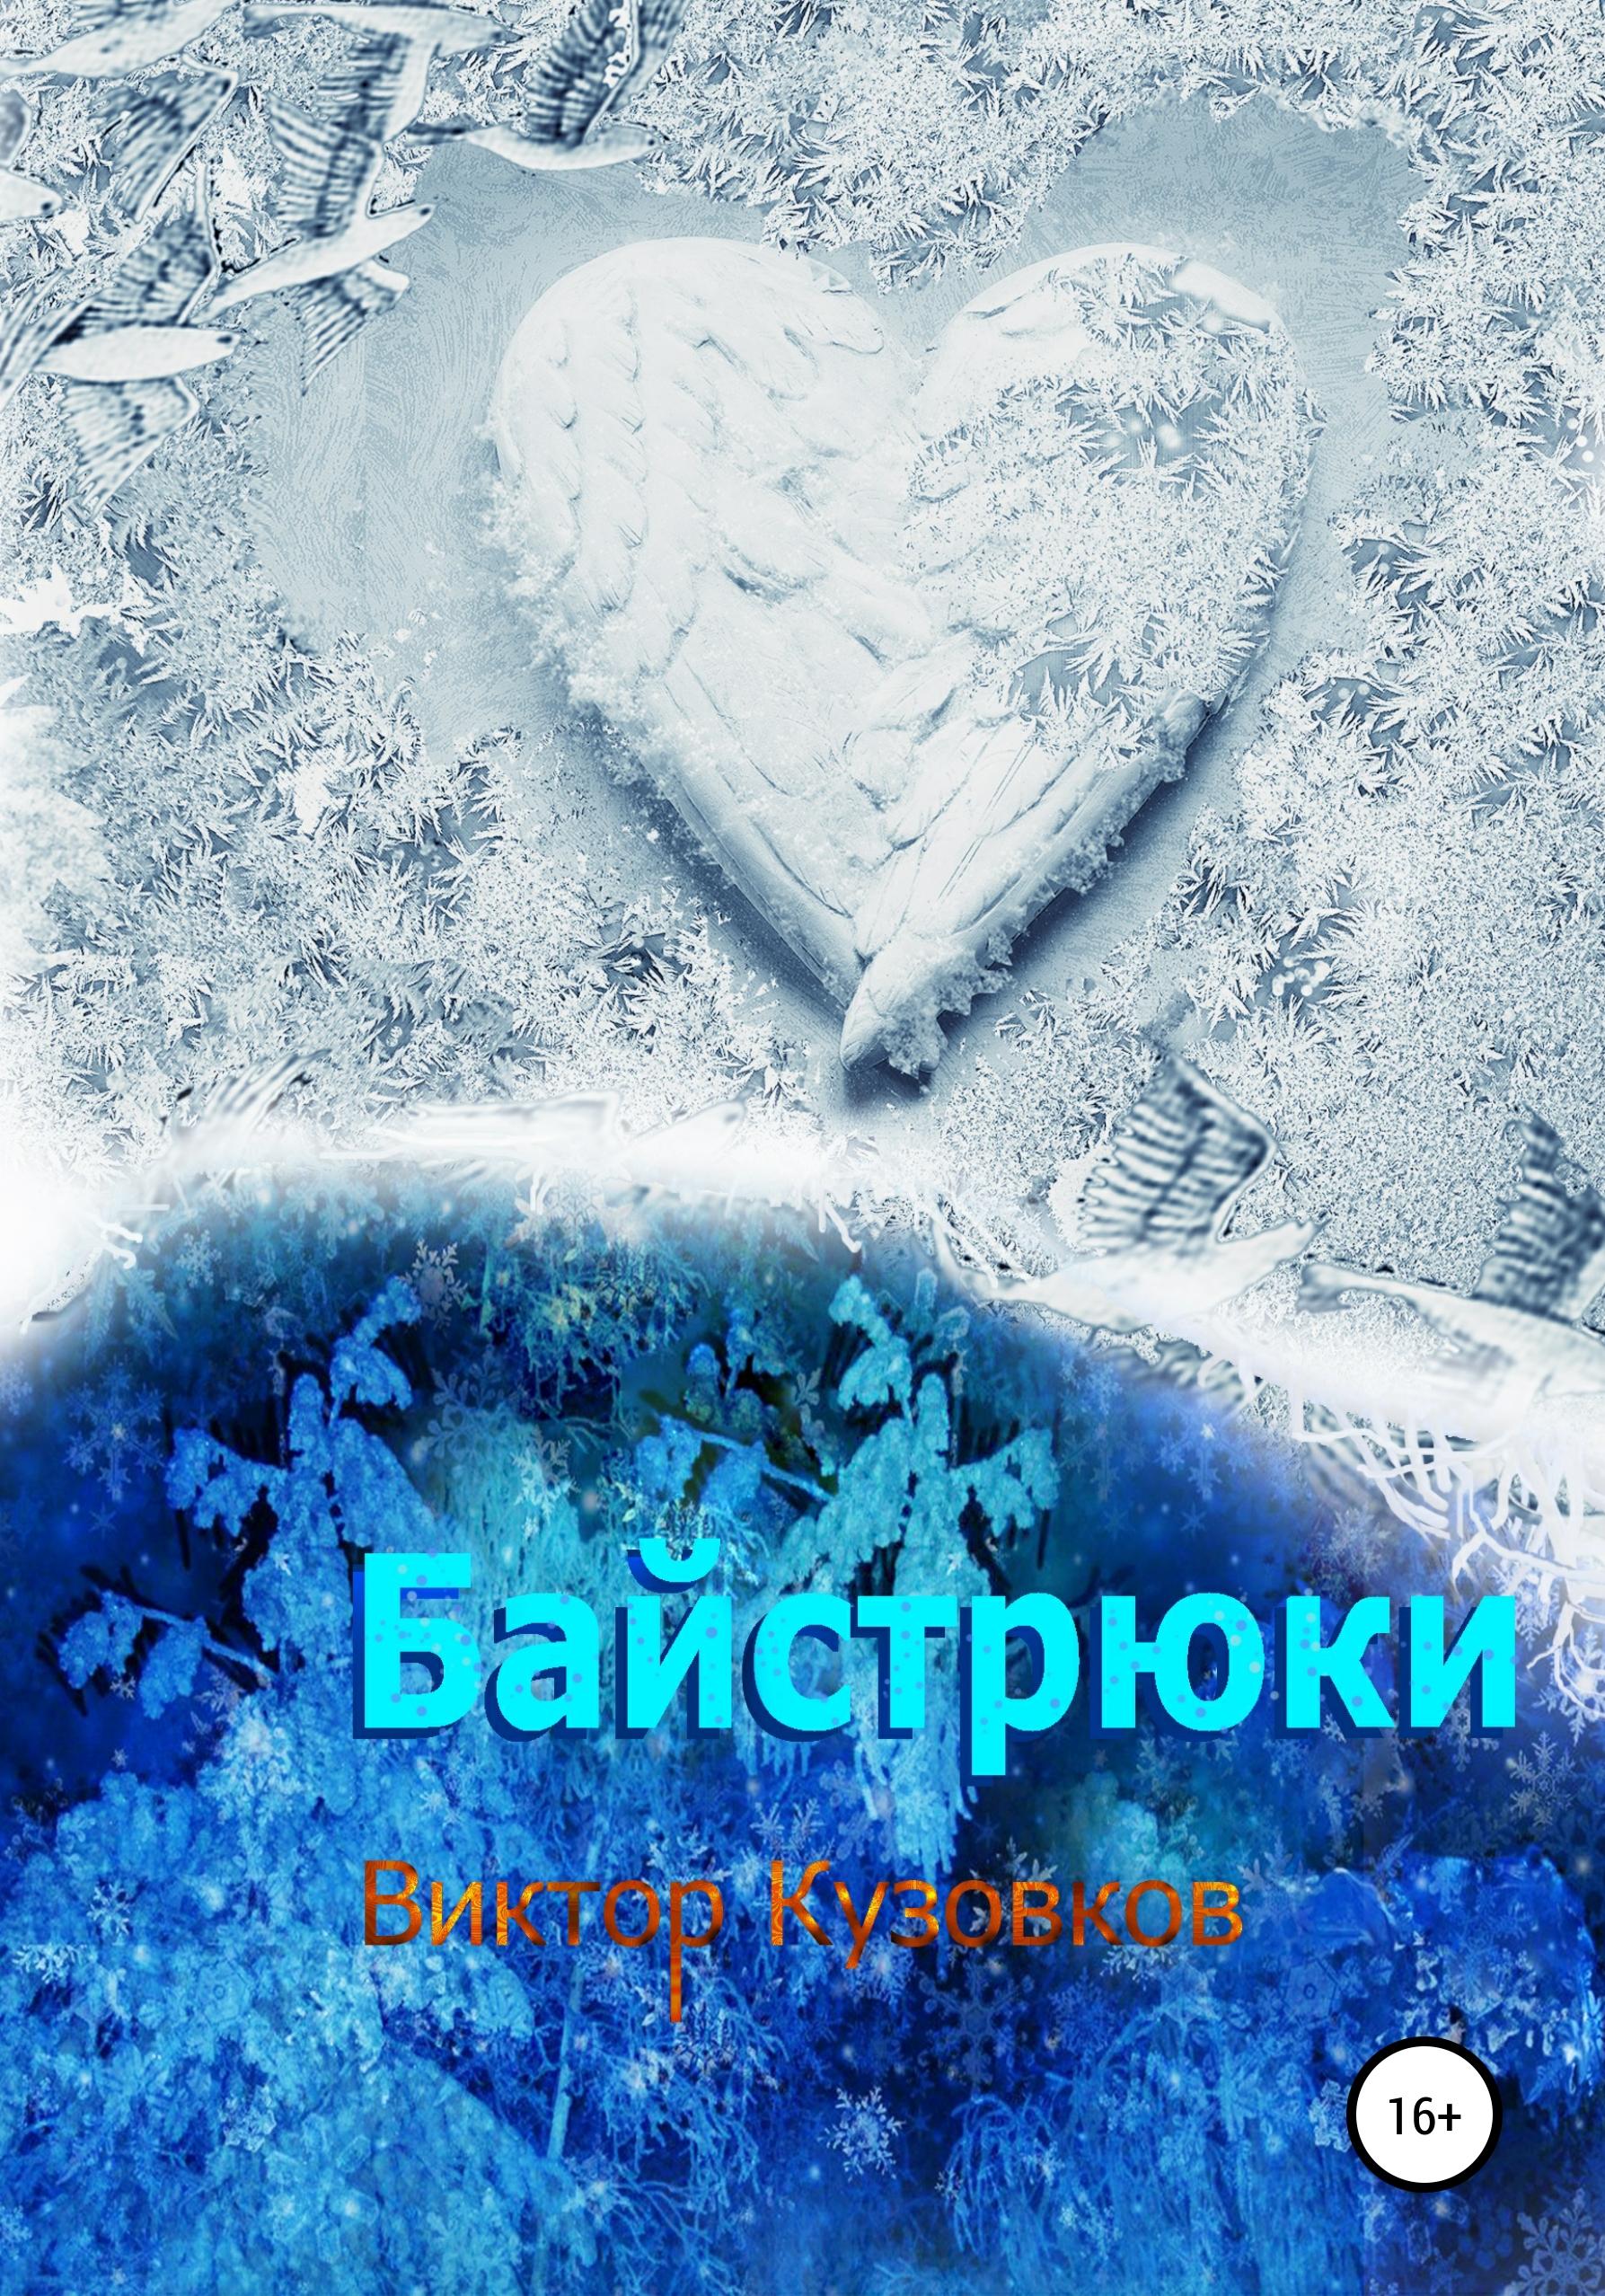 Фото - Виктор Кузовков Байстрюки виктор николаевич рубцов лебединые души сборник рассказов и маленькая повесть